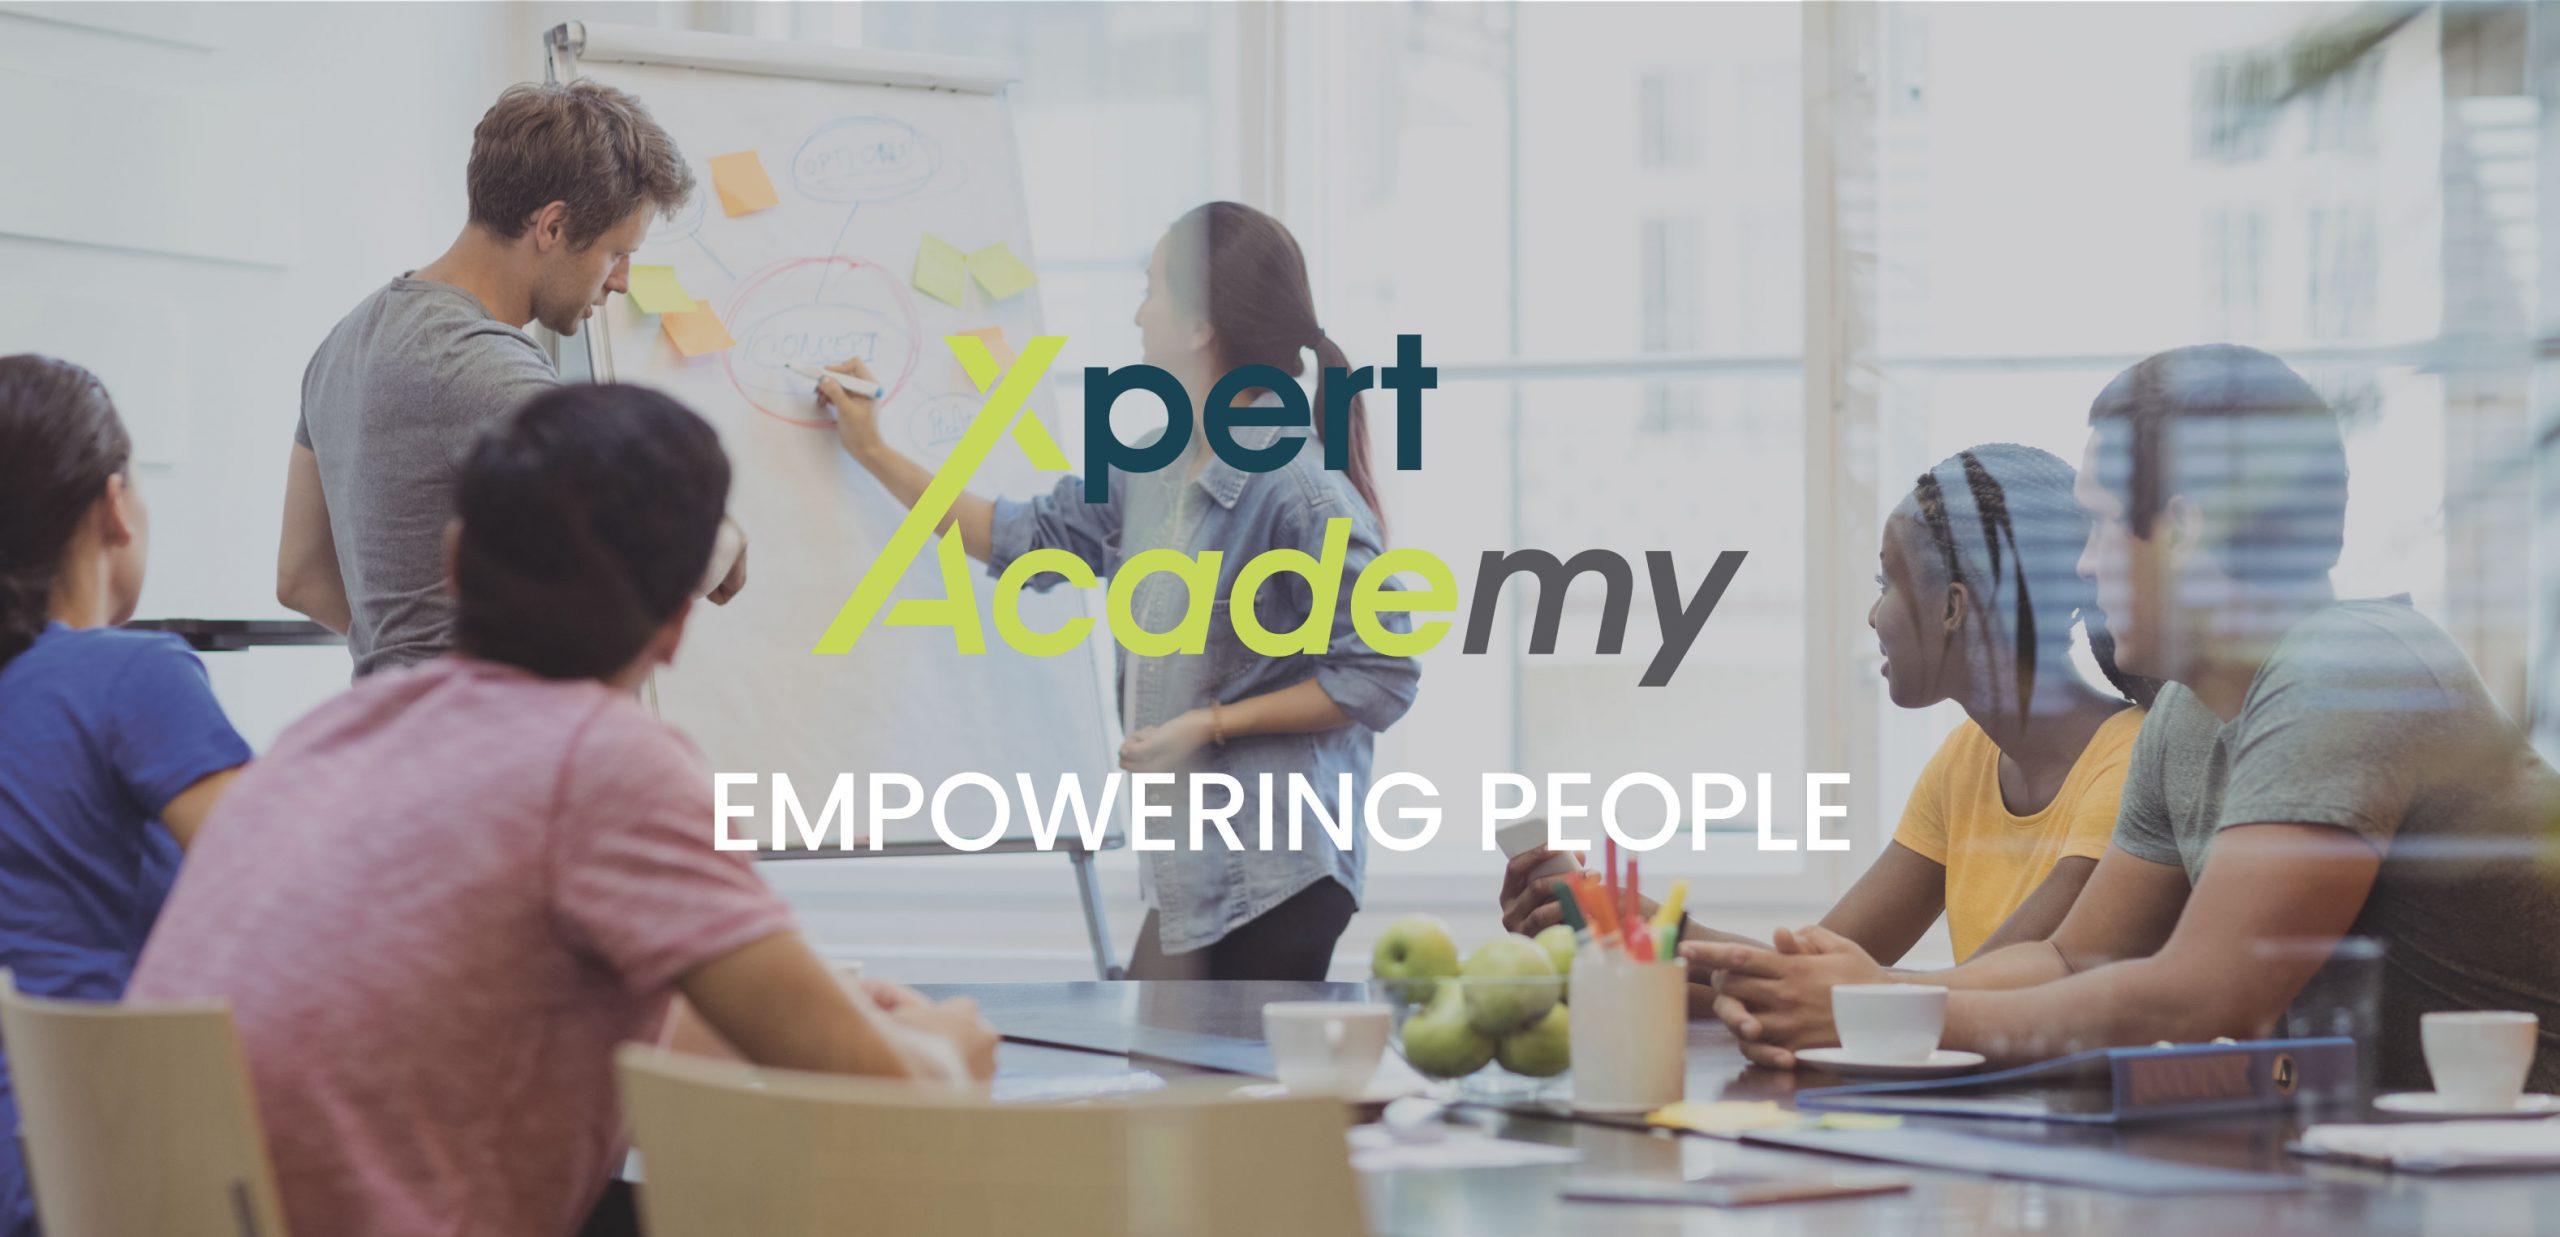 xpert academy